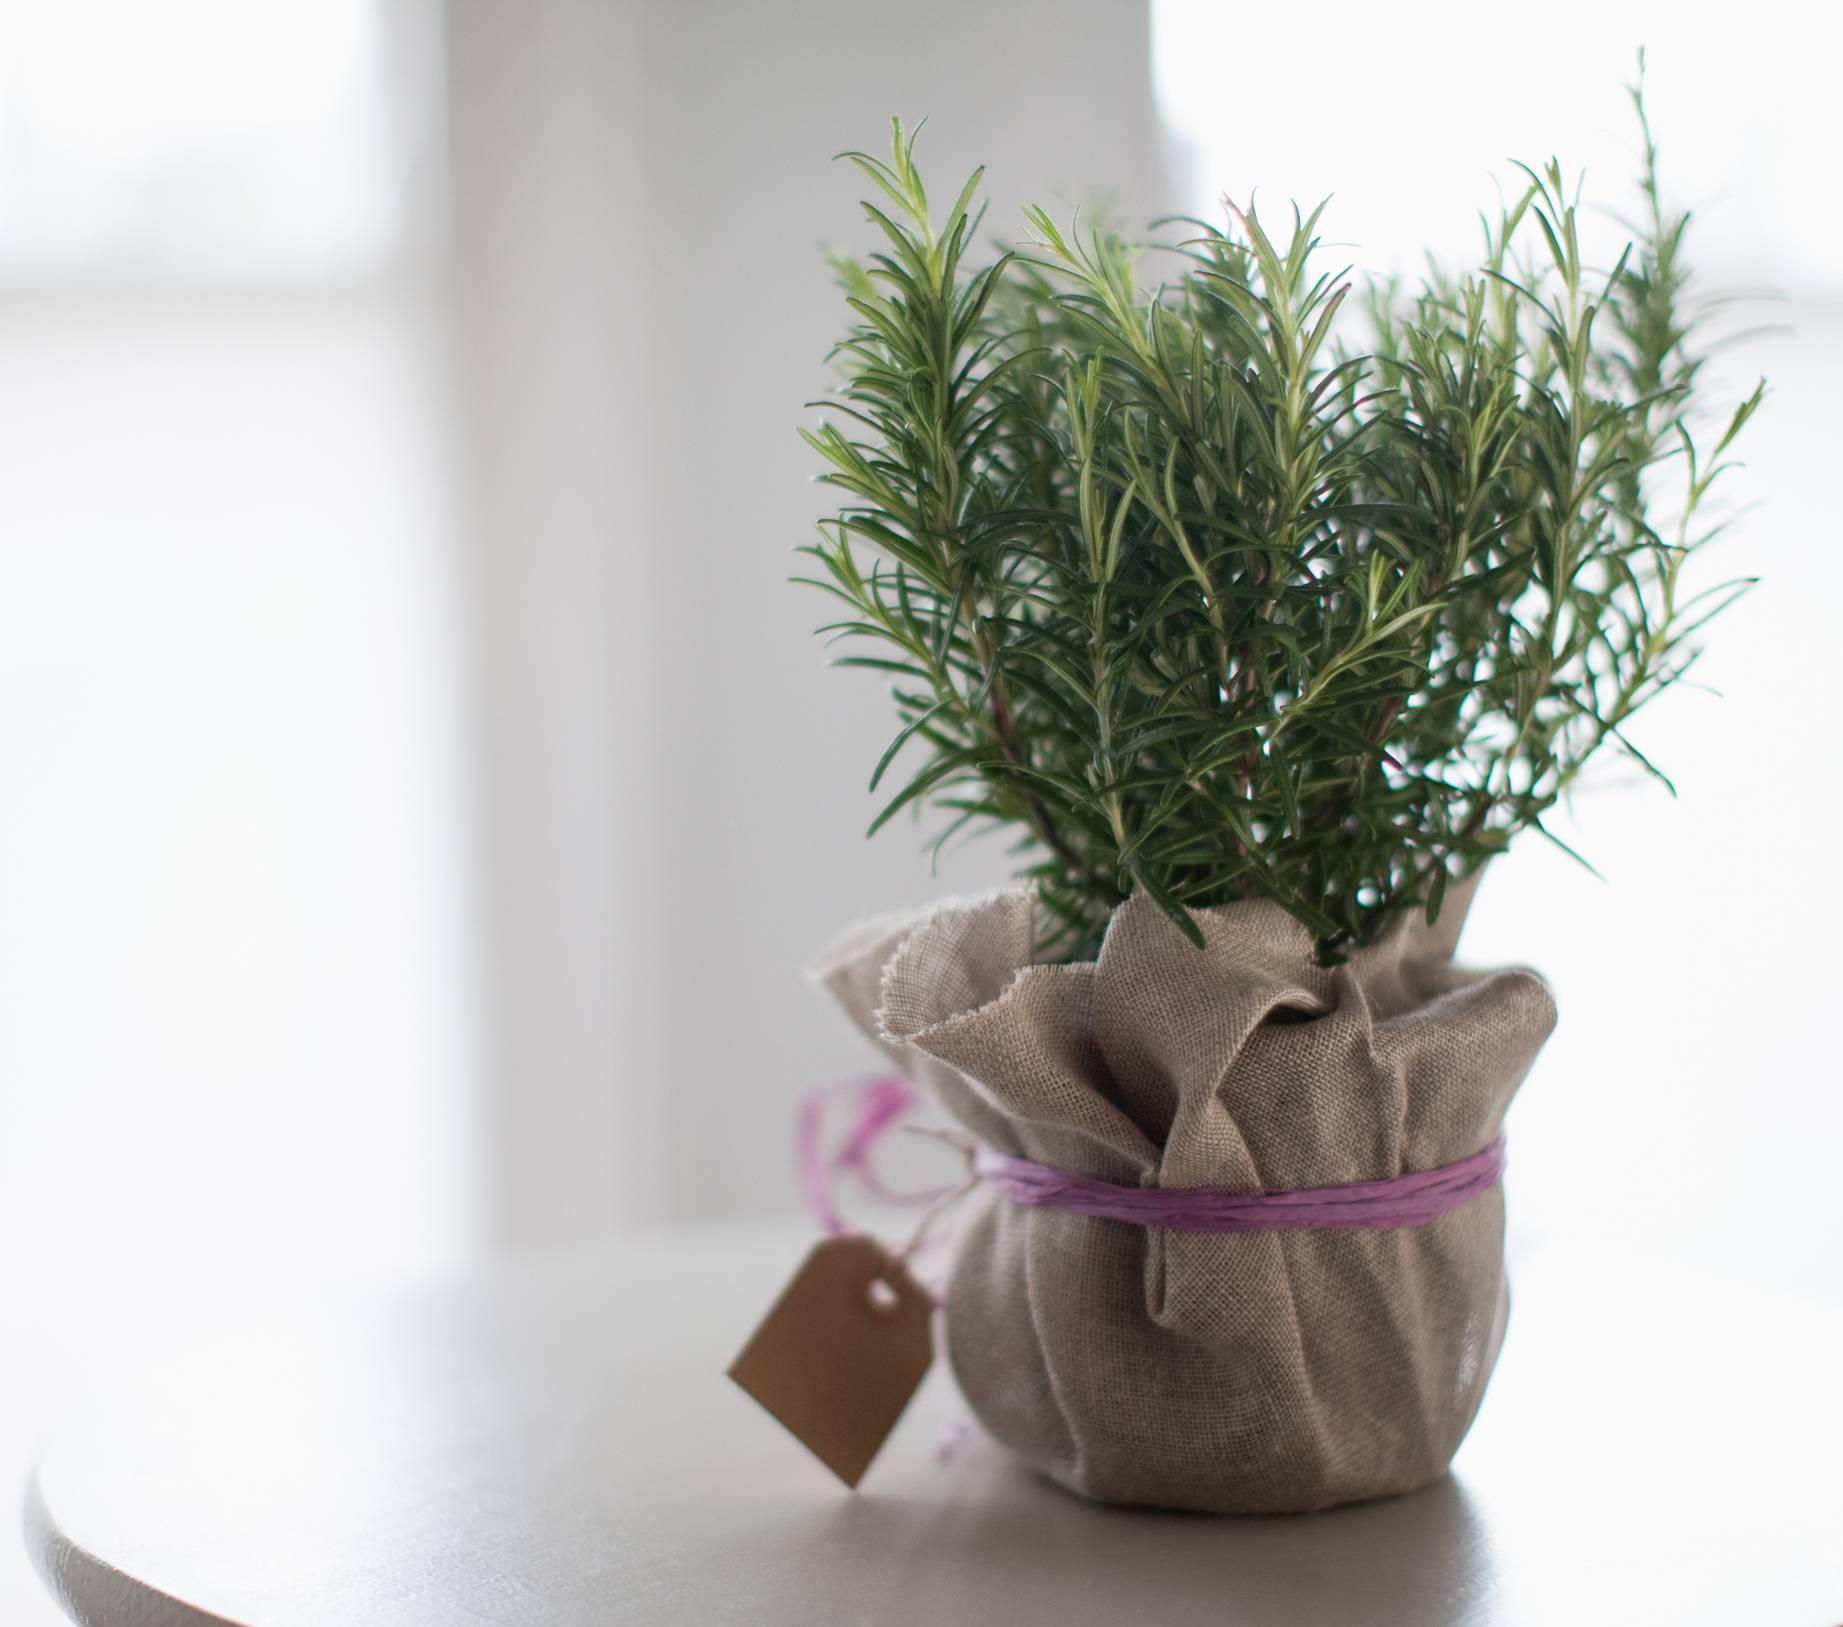 Как вырастить розмарин на подоконнике, посадка и уход в домашних условиях